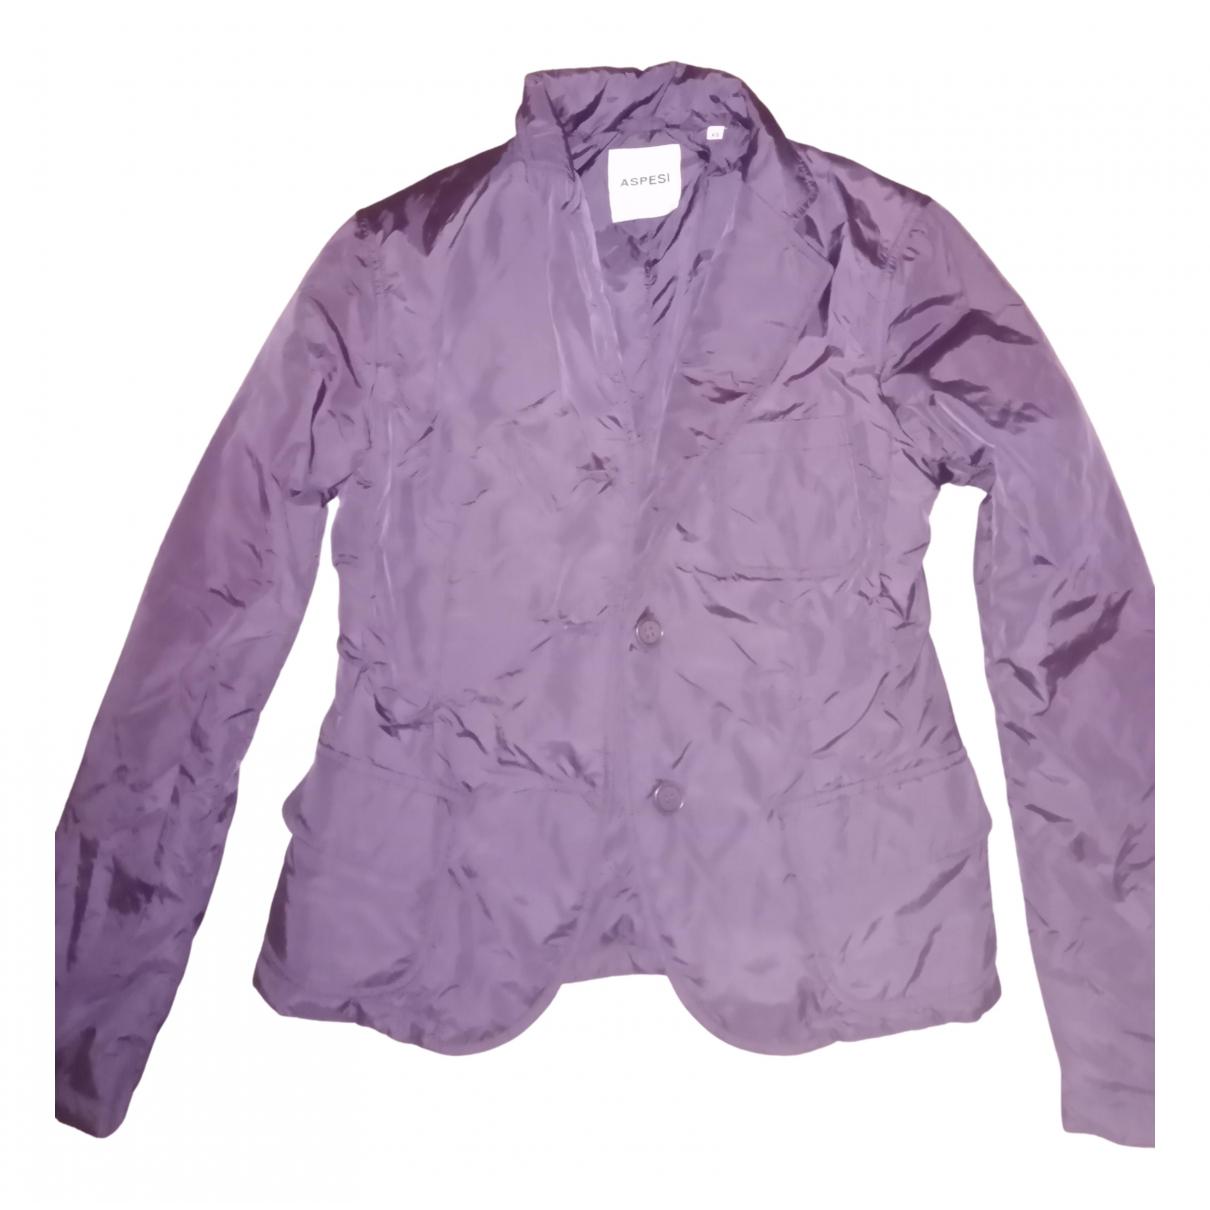 Aspesi - Blouson   pour femme en coton - violet